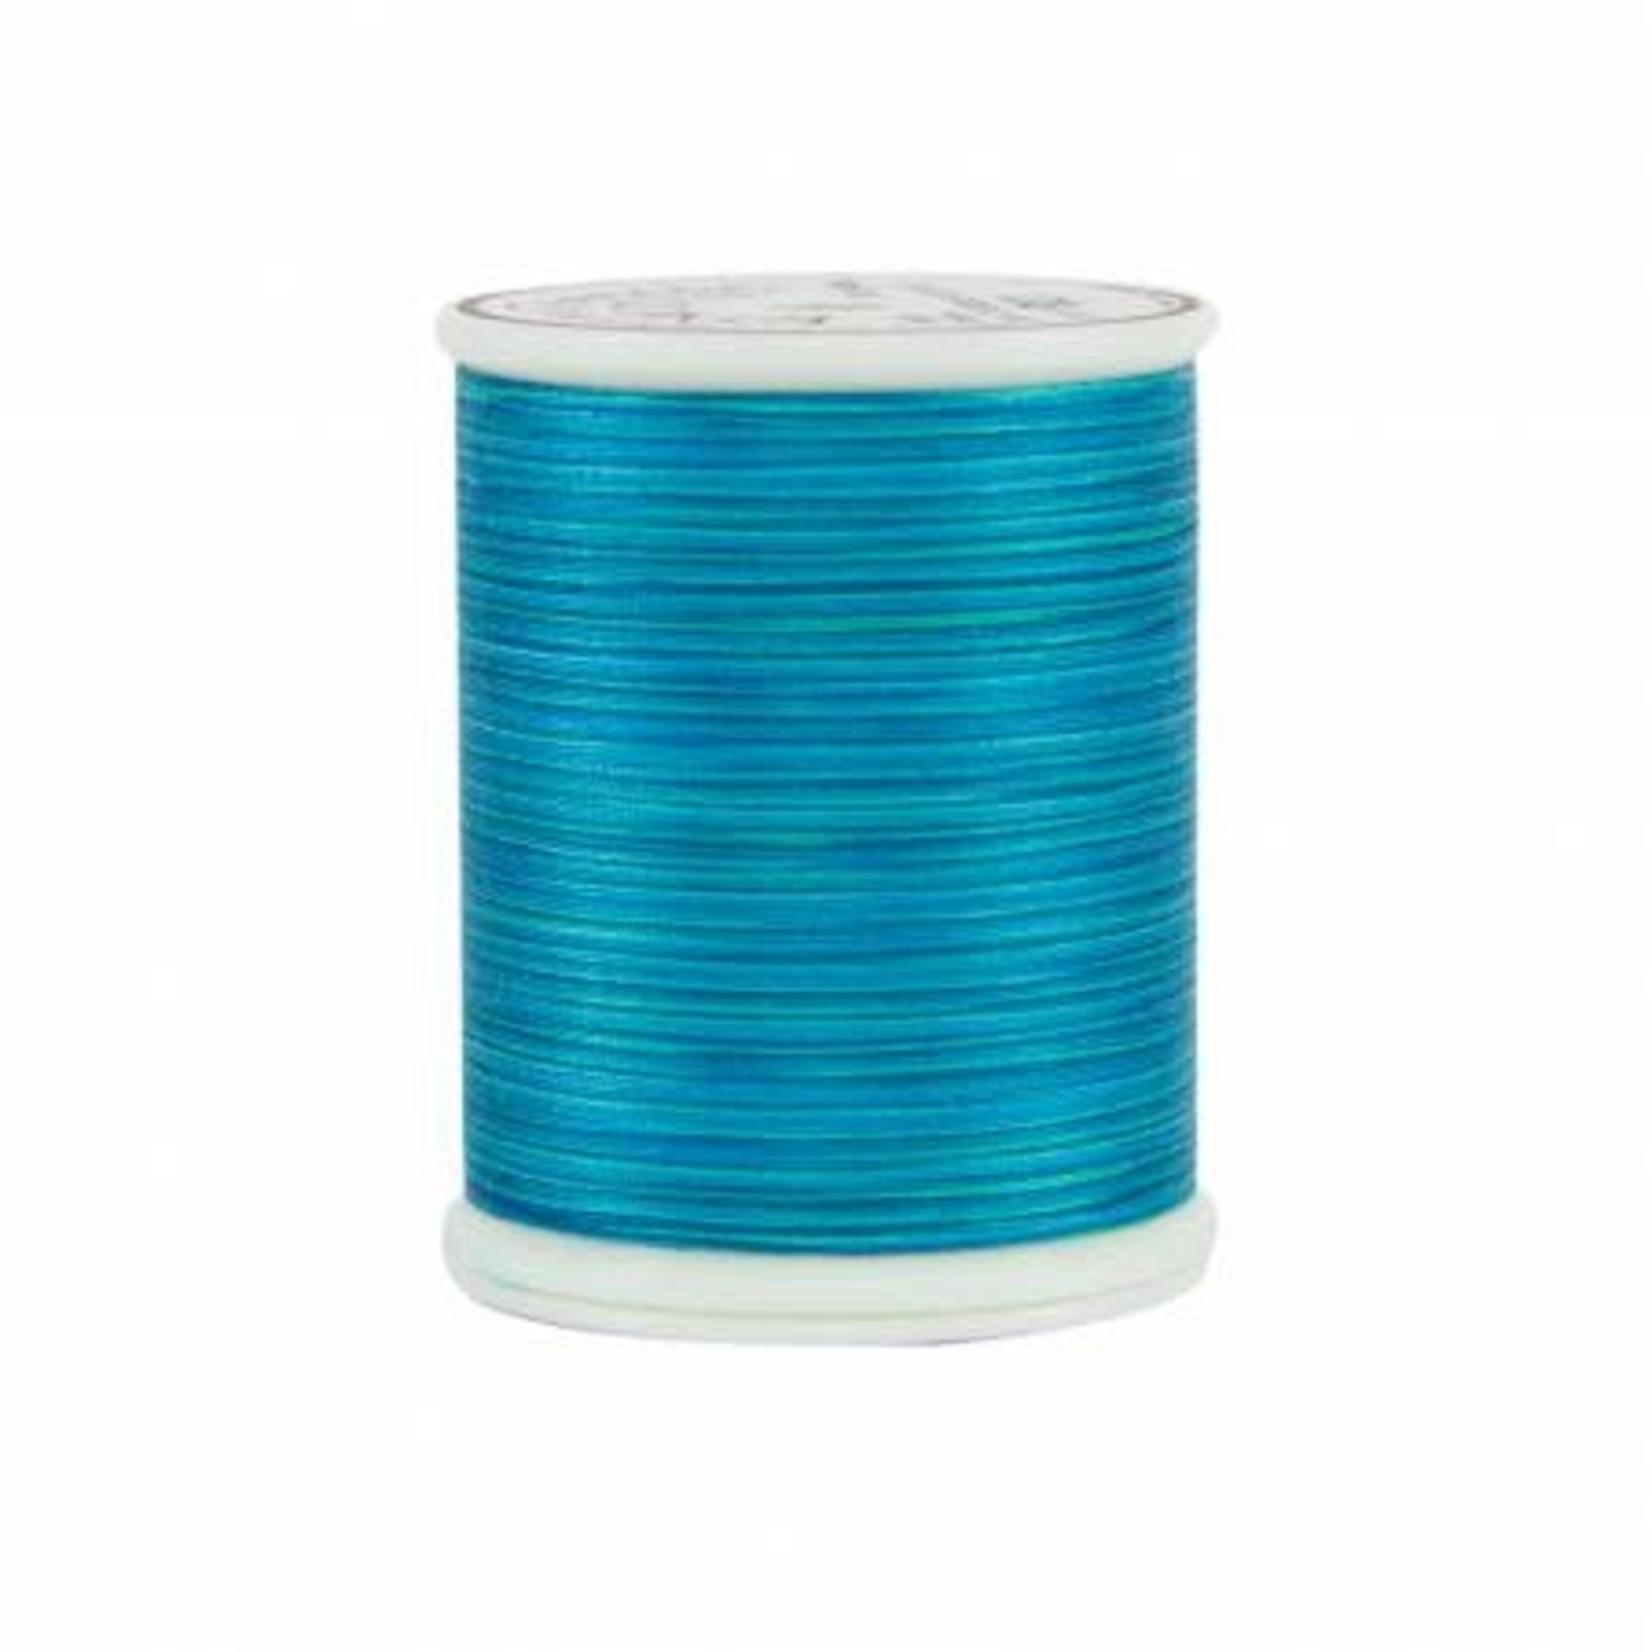 Superior Threads King Tut - #40 - 457 m - 0927 De Nile